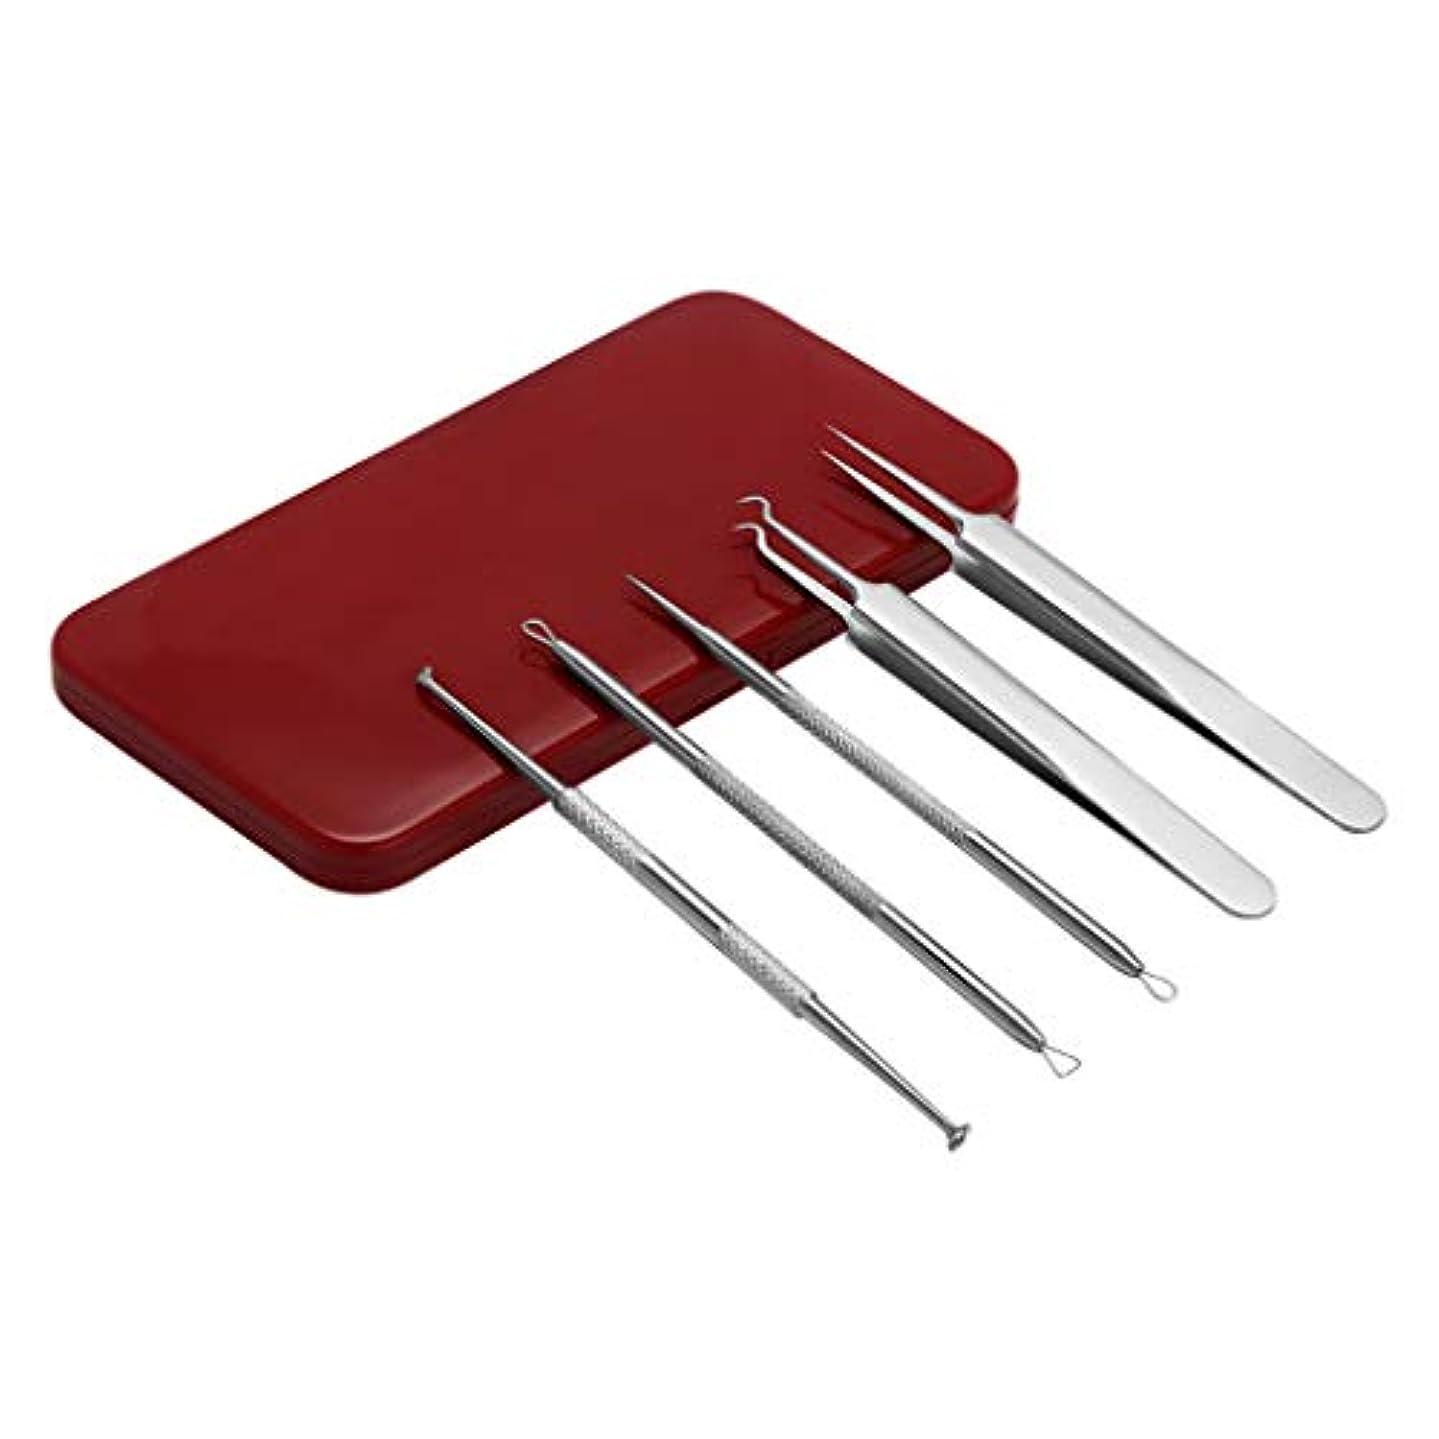 普及用量クールCUTICATE ニキビ クリーム ブラックヘッド 除去キット ピンセット ステンレス 収納ケース付き 全2カラー - 赤